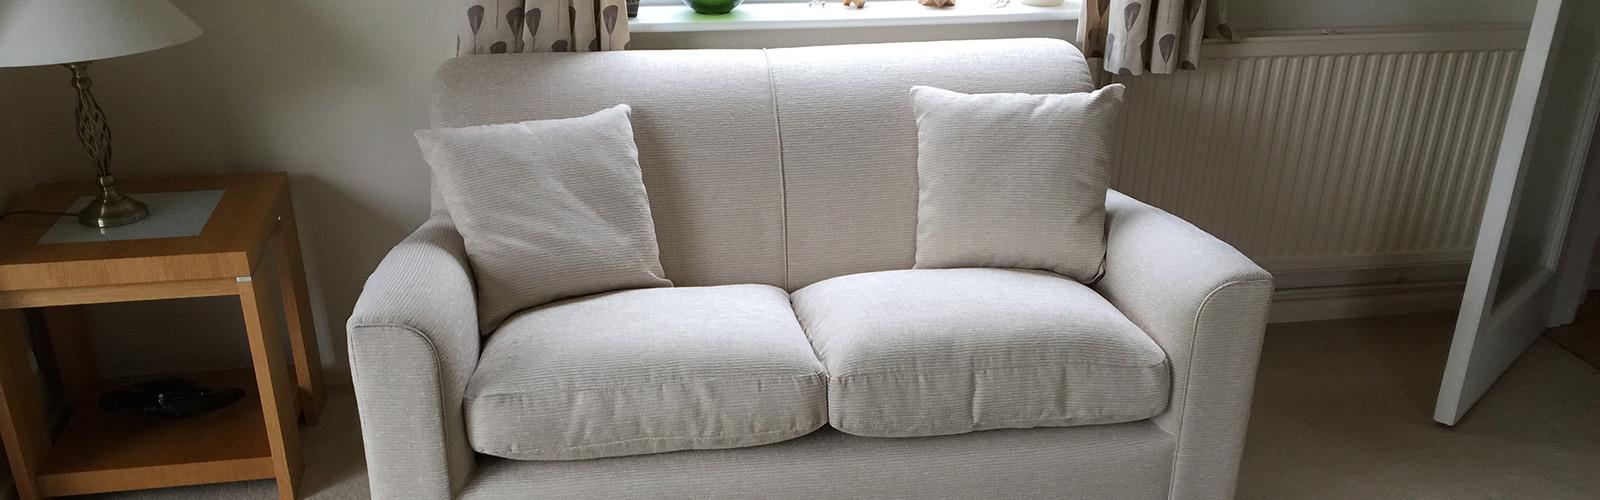 Excellent Loose Sofa Covers In Whoberley Tc Upholstery Inzonedesignstudio Interior Chair Design Inzonedesignstudiocom